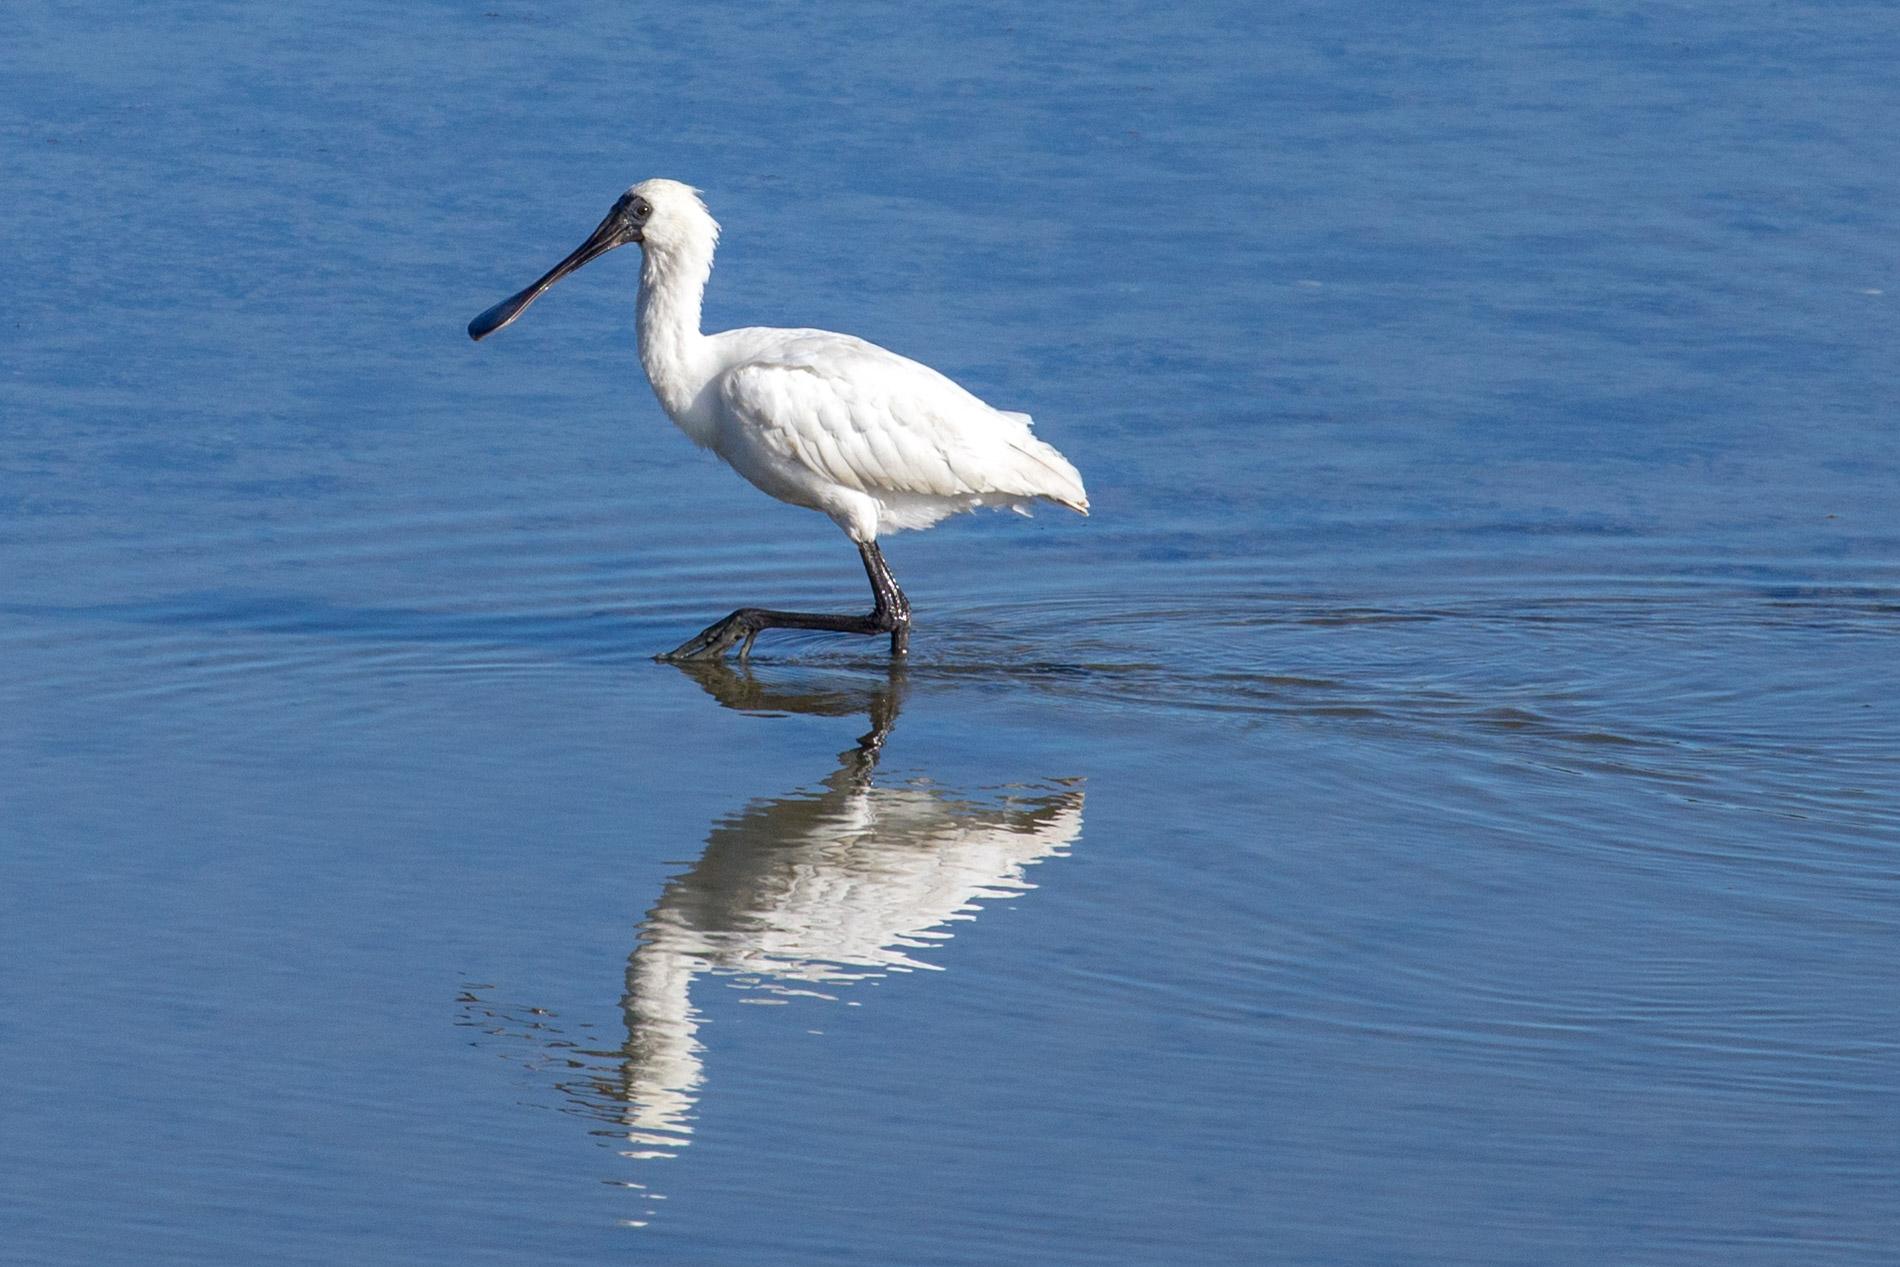 Spoonbill wading